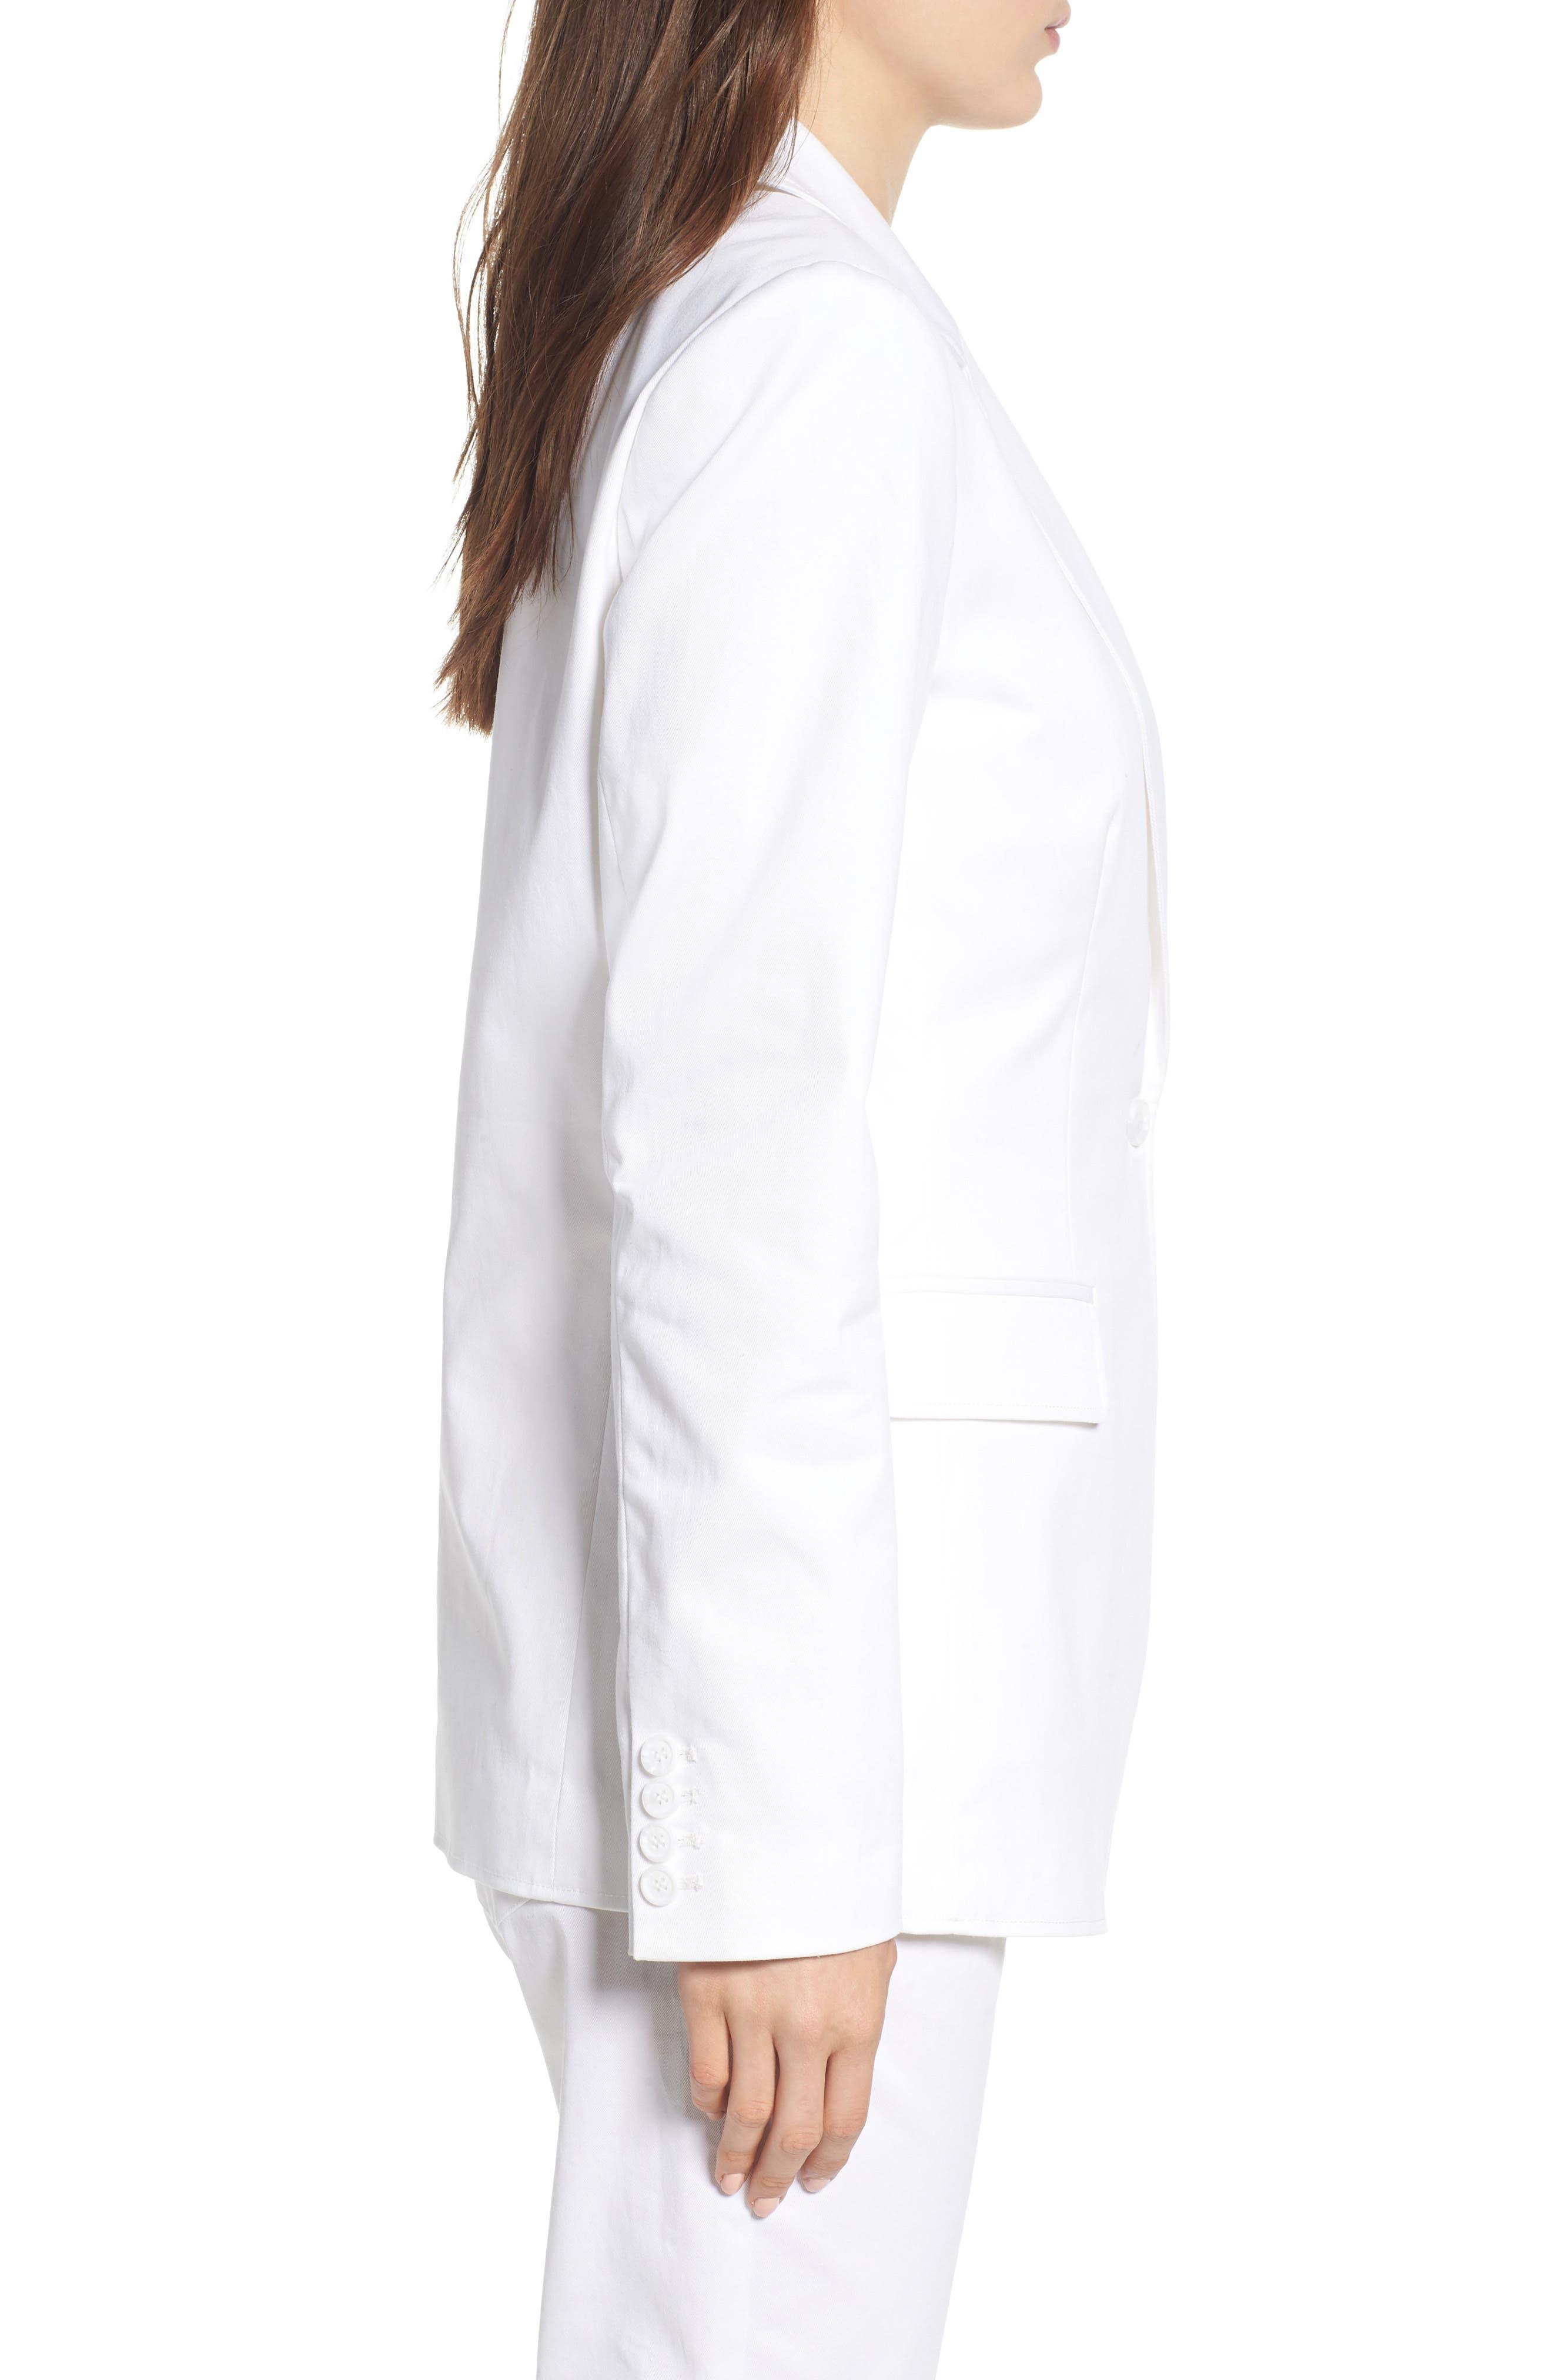 Merilee Jacket,                             Alternate thumbnail 3, color,                             White